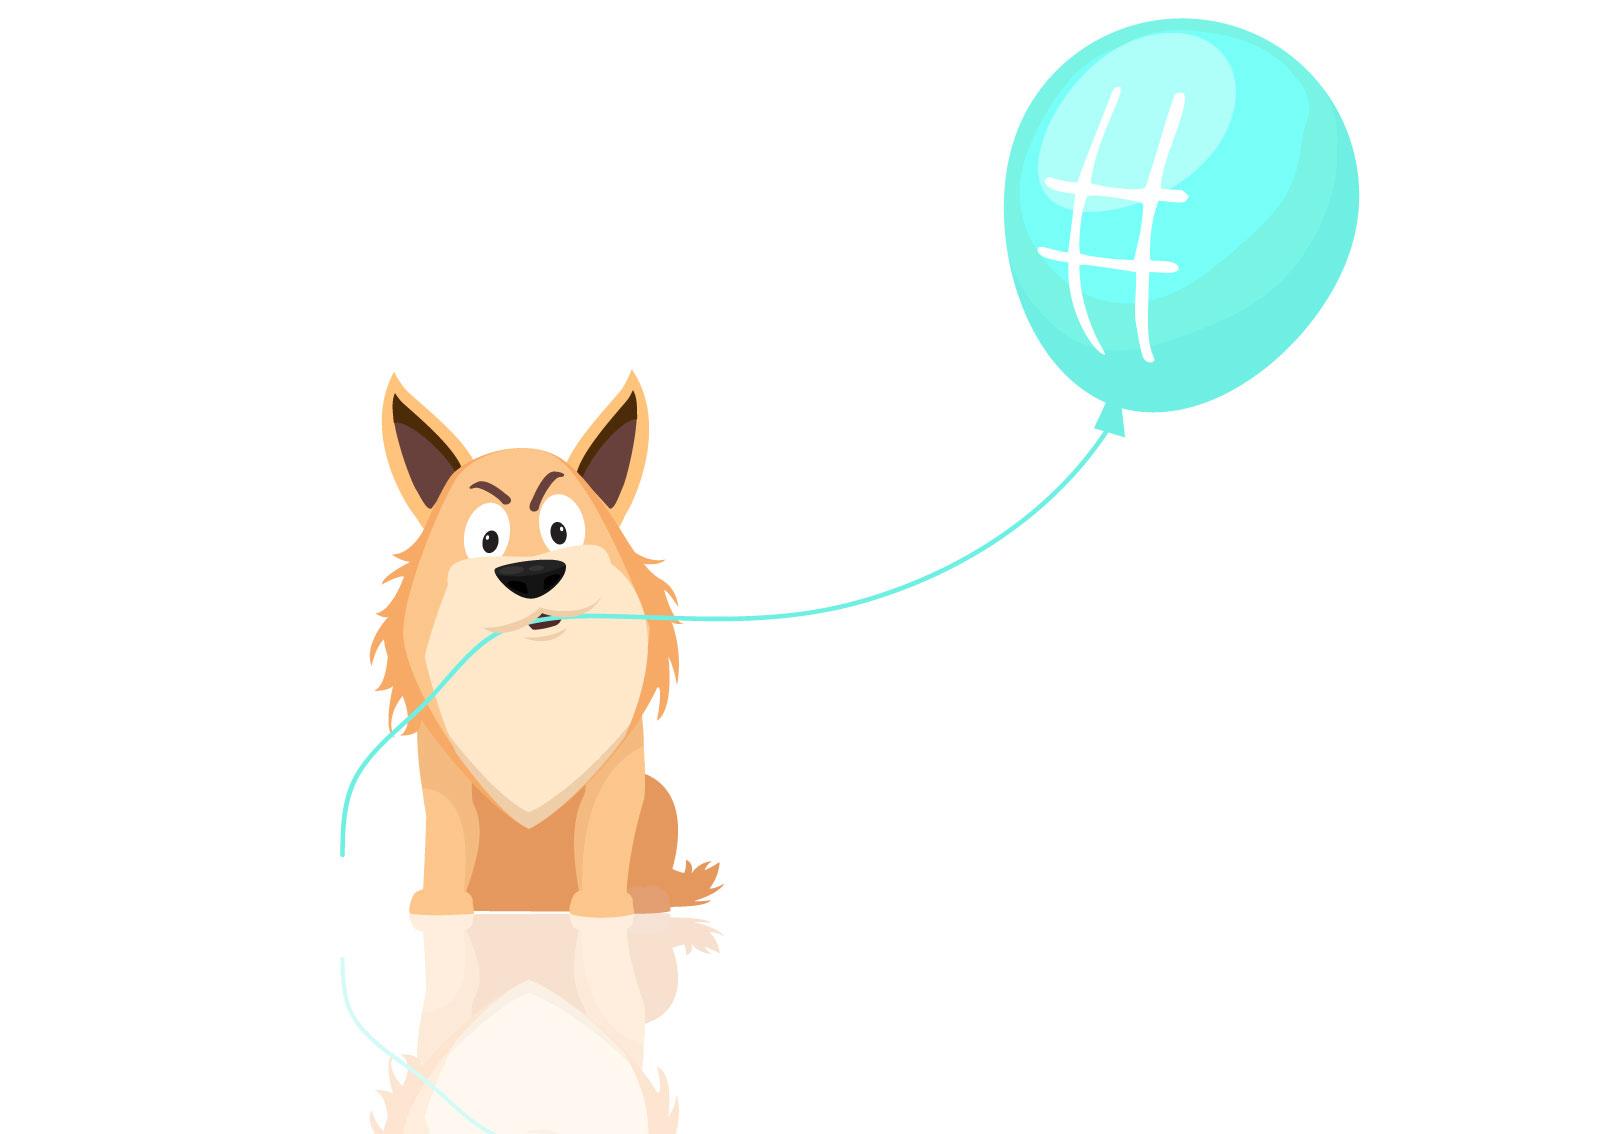 Ilustracija psa koji drži plavi balon sa znakom #